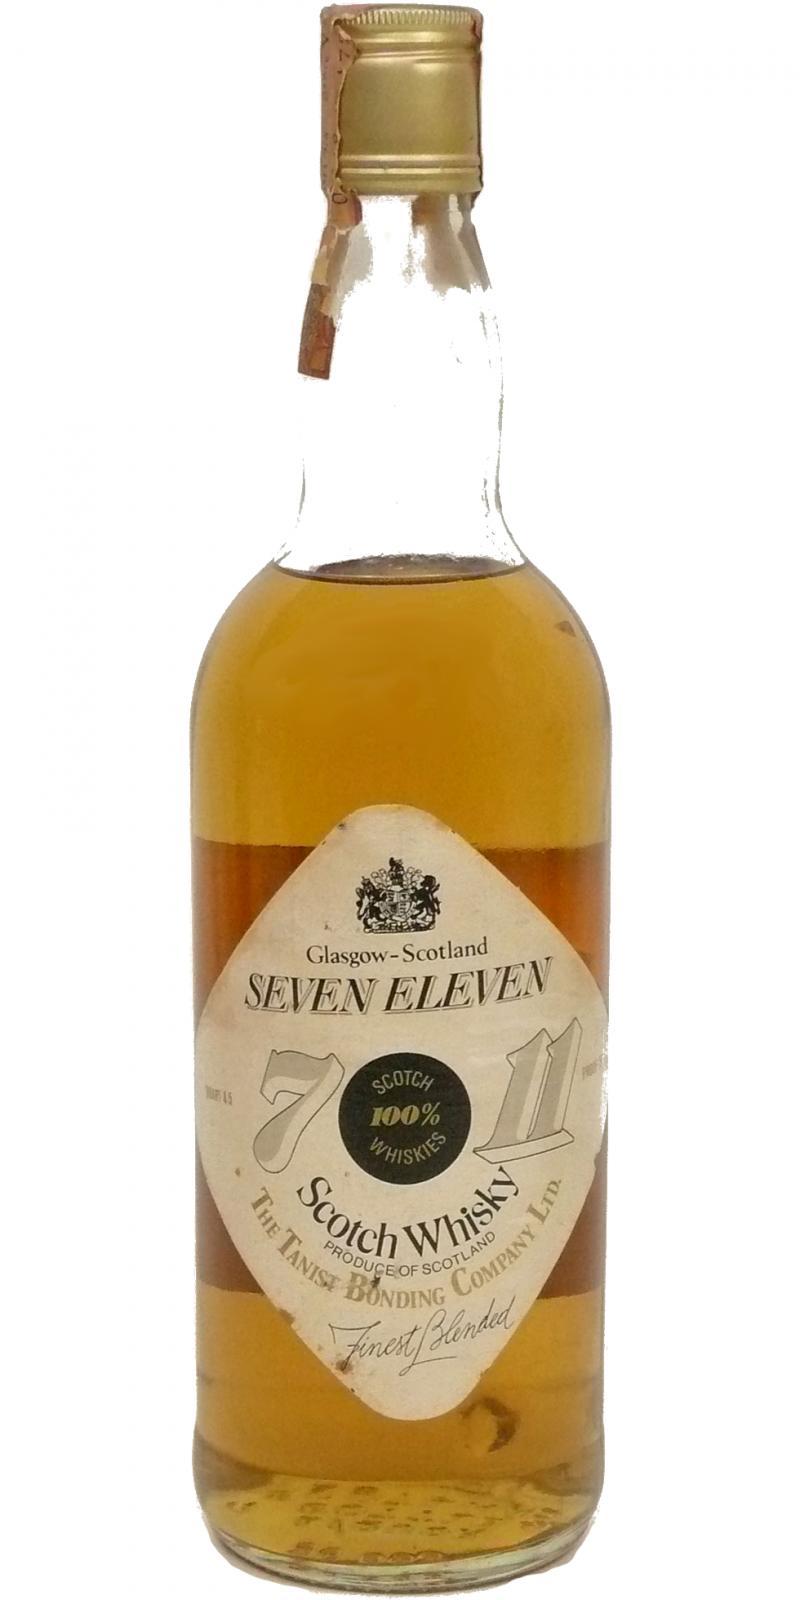 Seven Eleven Scotch Whisky